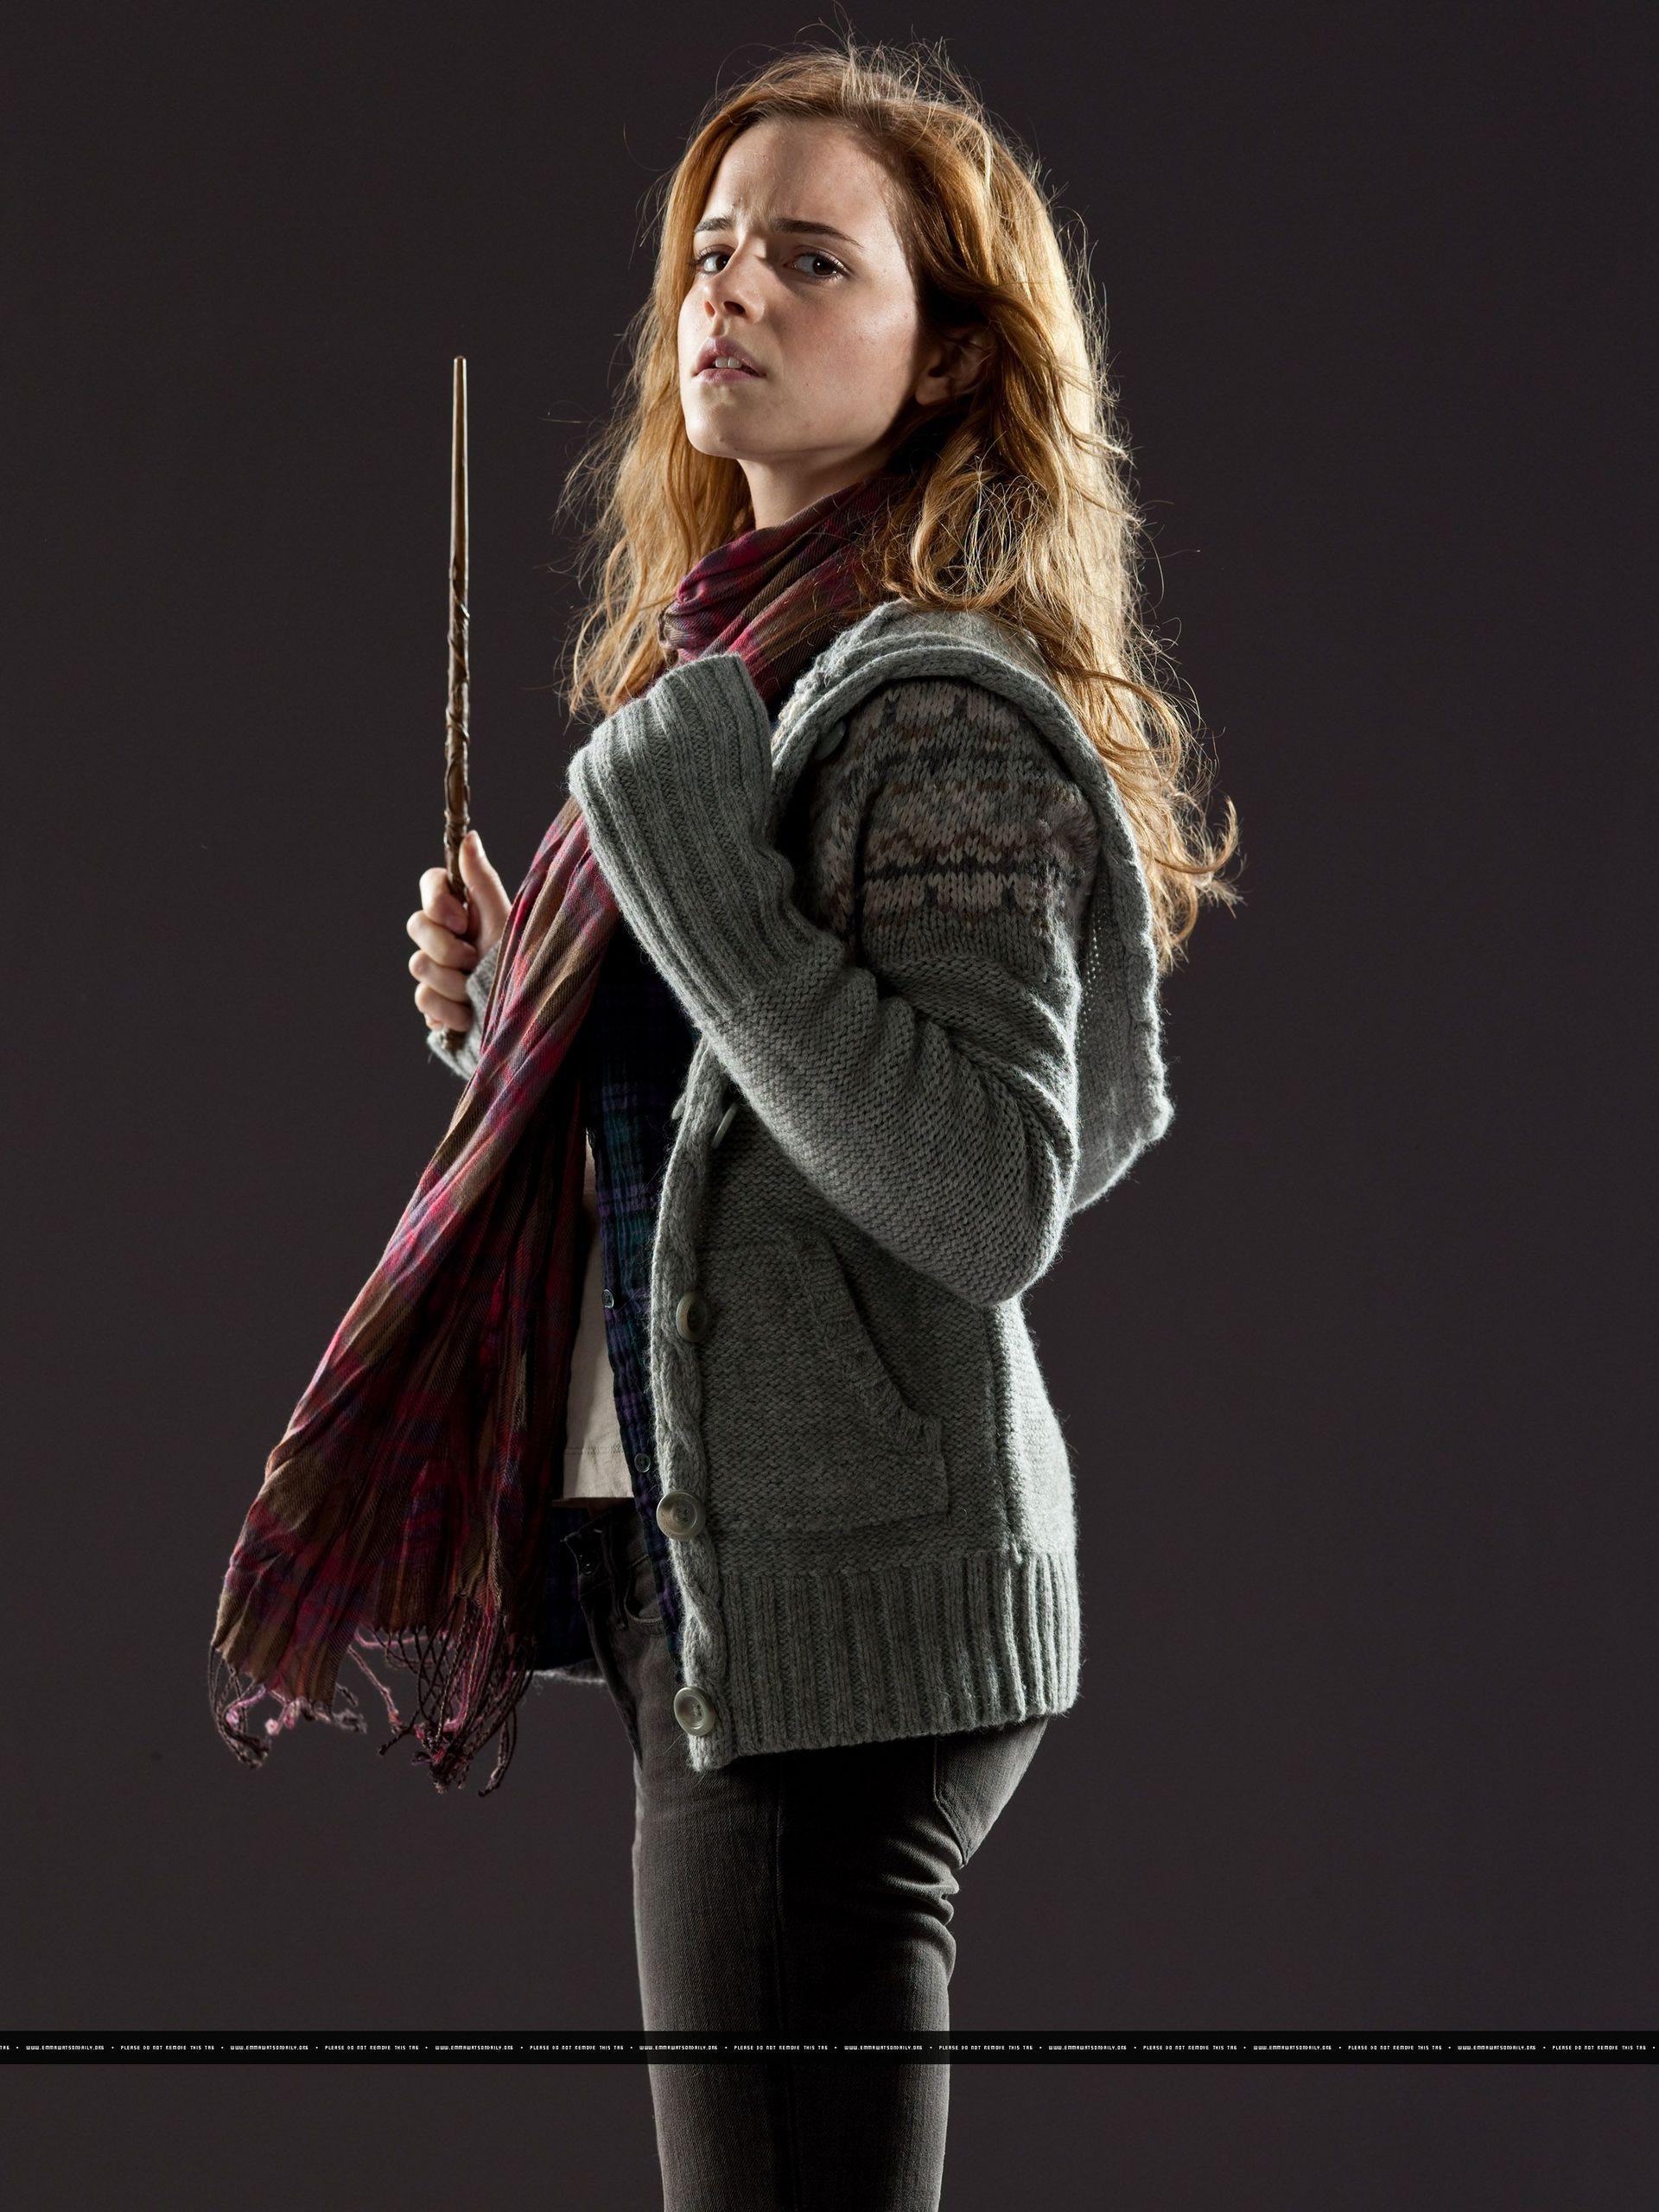 Watson hermione granger as emma